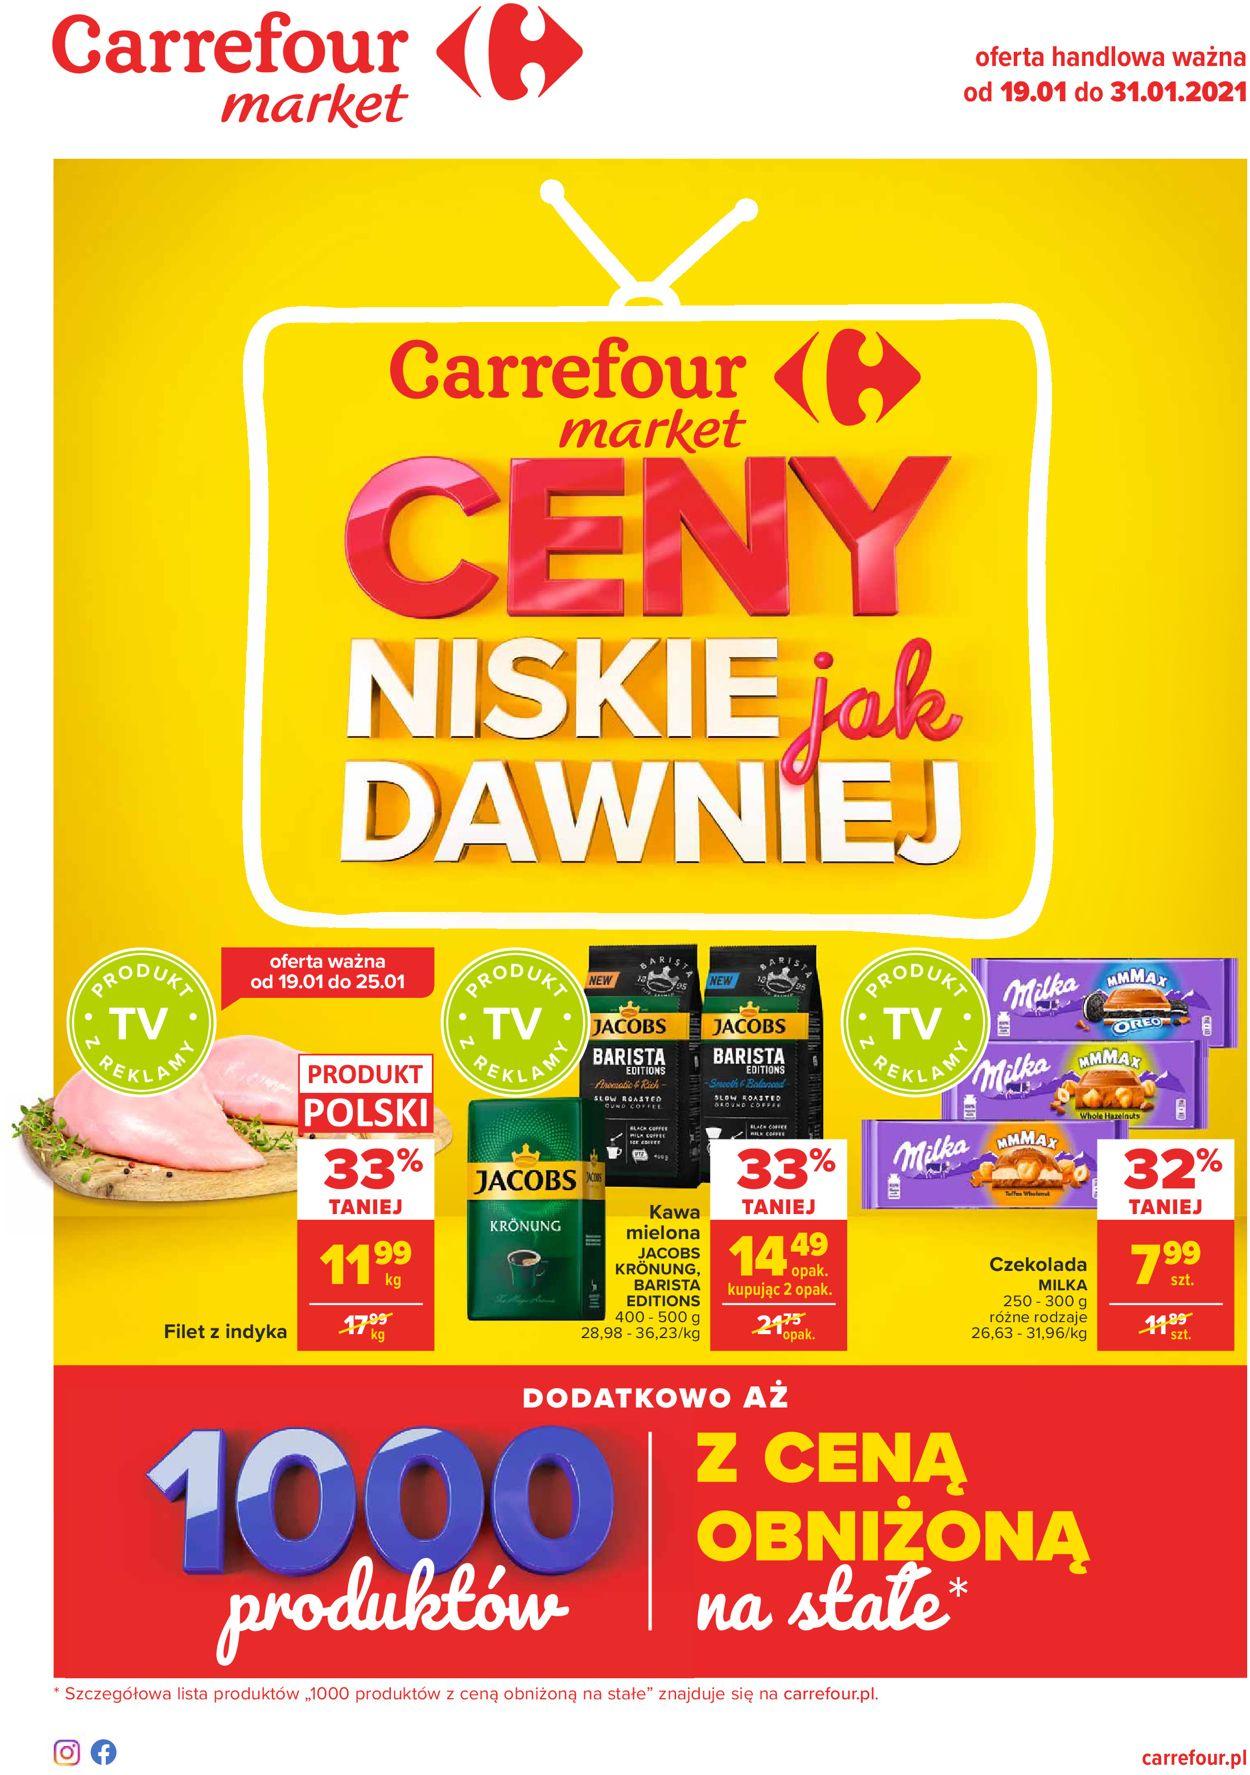 Gazetka promocyjna Carrefour Market Dzień Babci i Dziadka 2021 - 19.01-31.01.2021